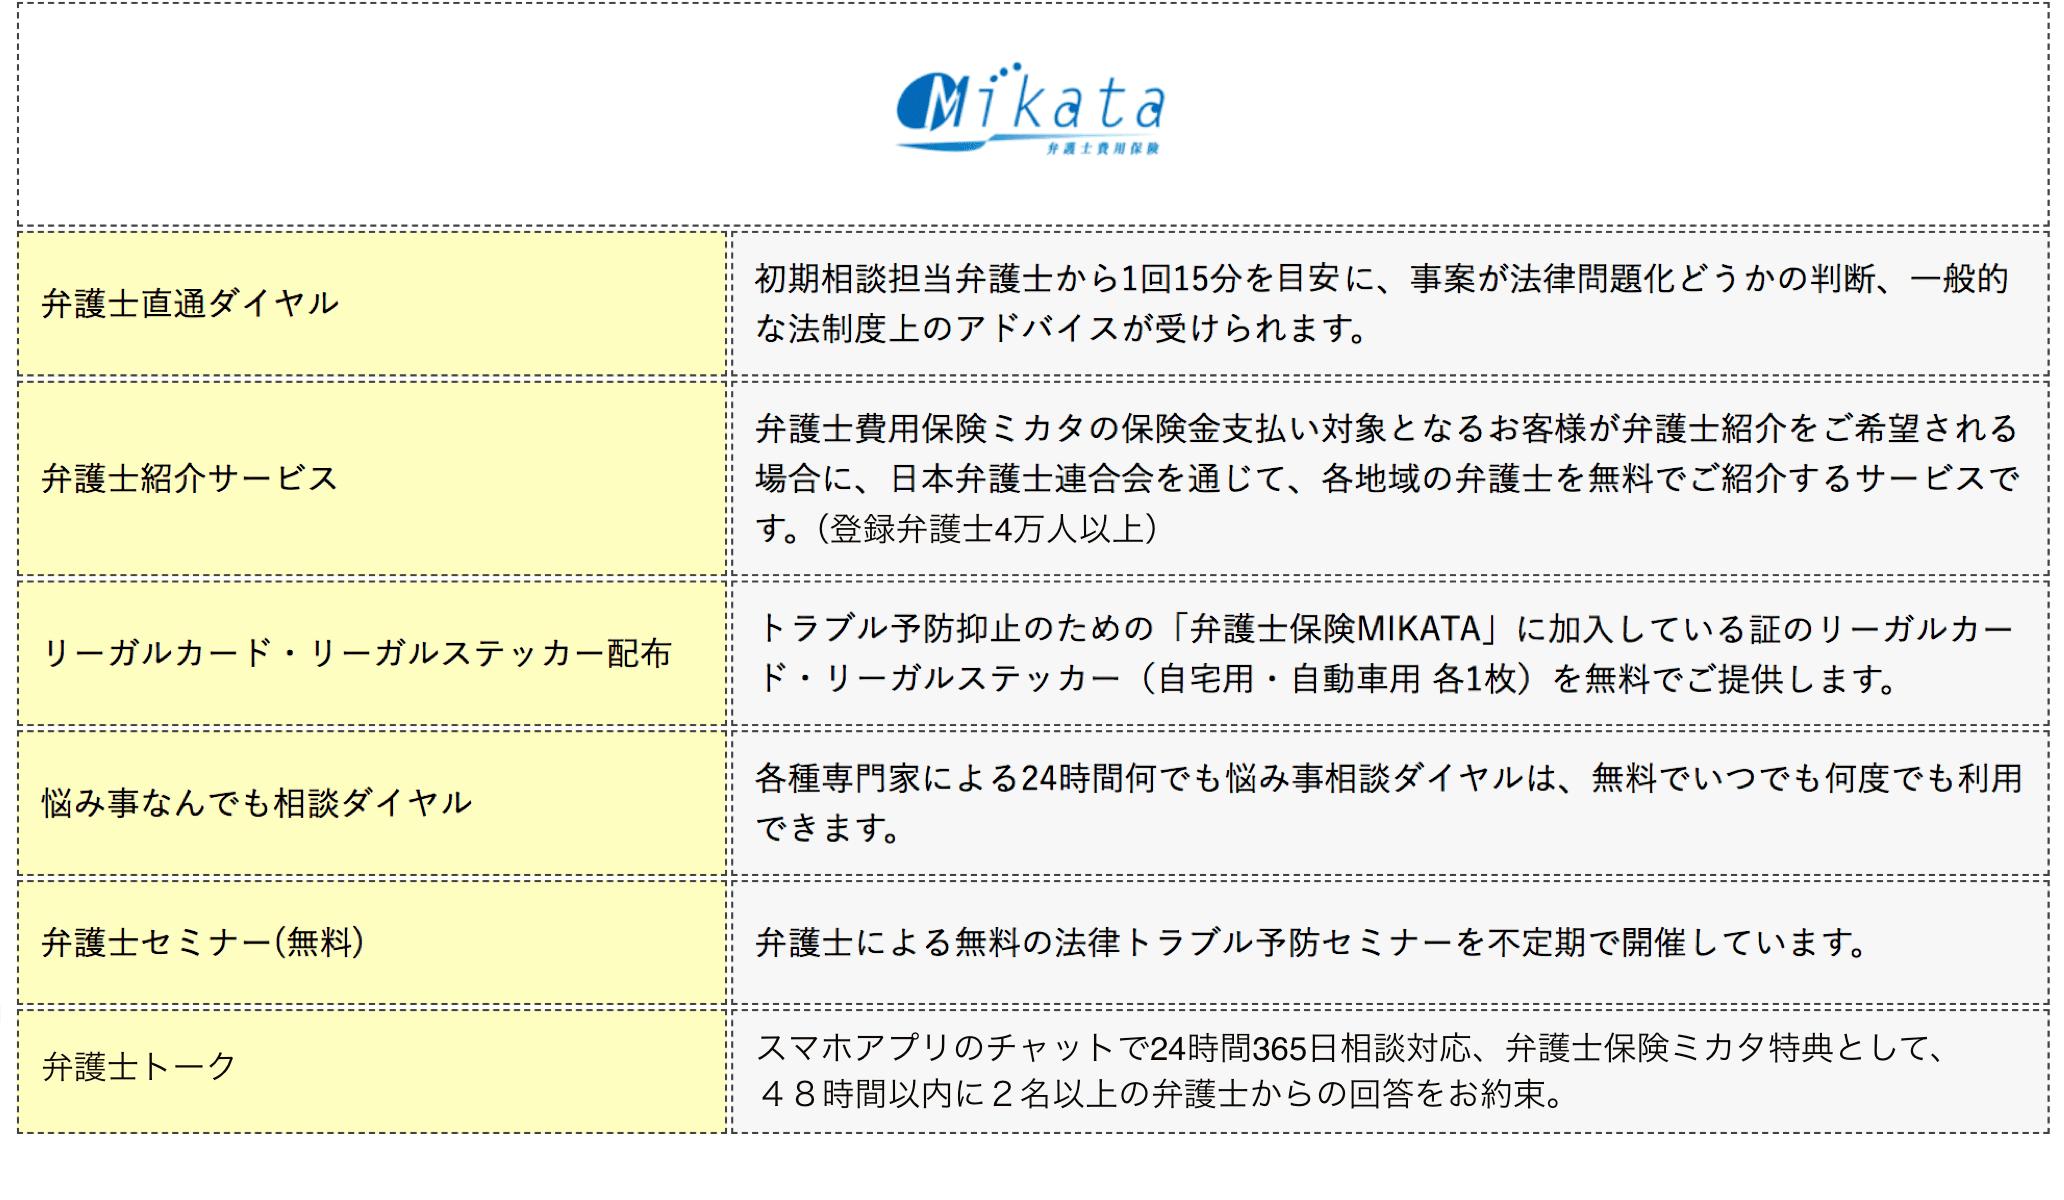 弁護士保険mikataの付帯サービス